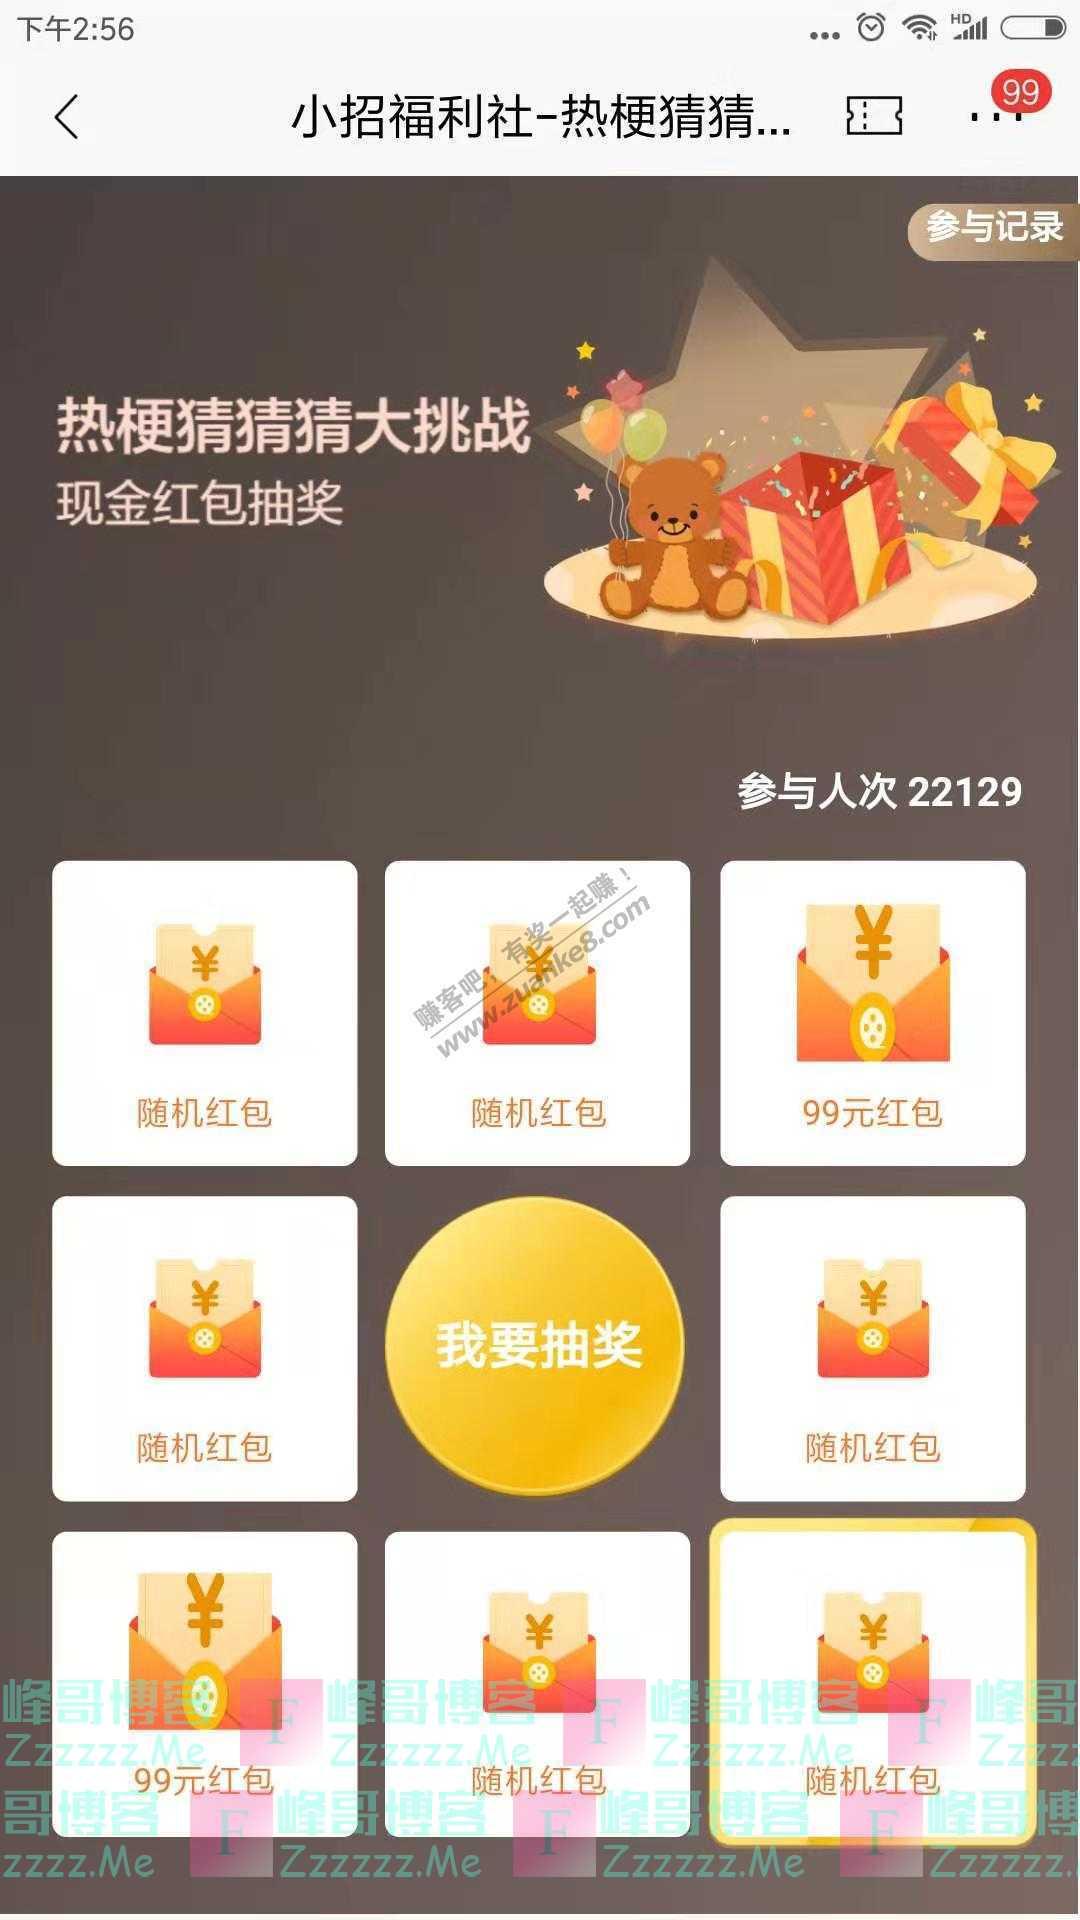 招商银行app热梗猜猜猜大挑战(截止12月31日)